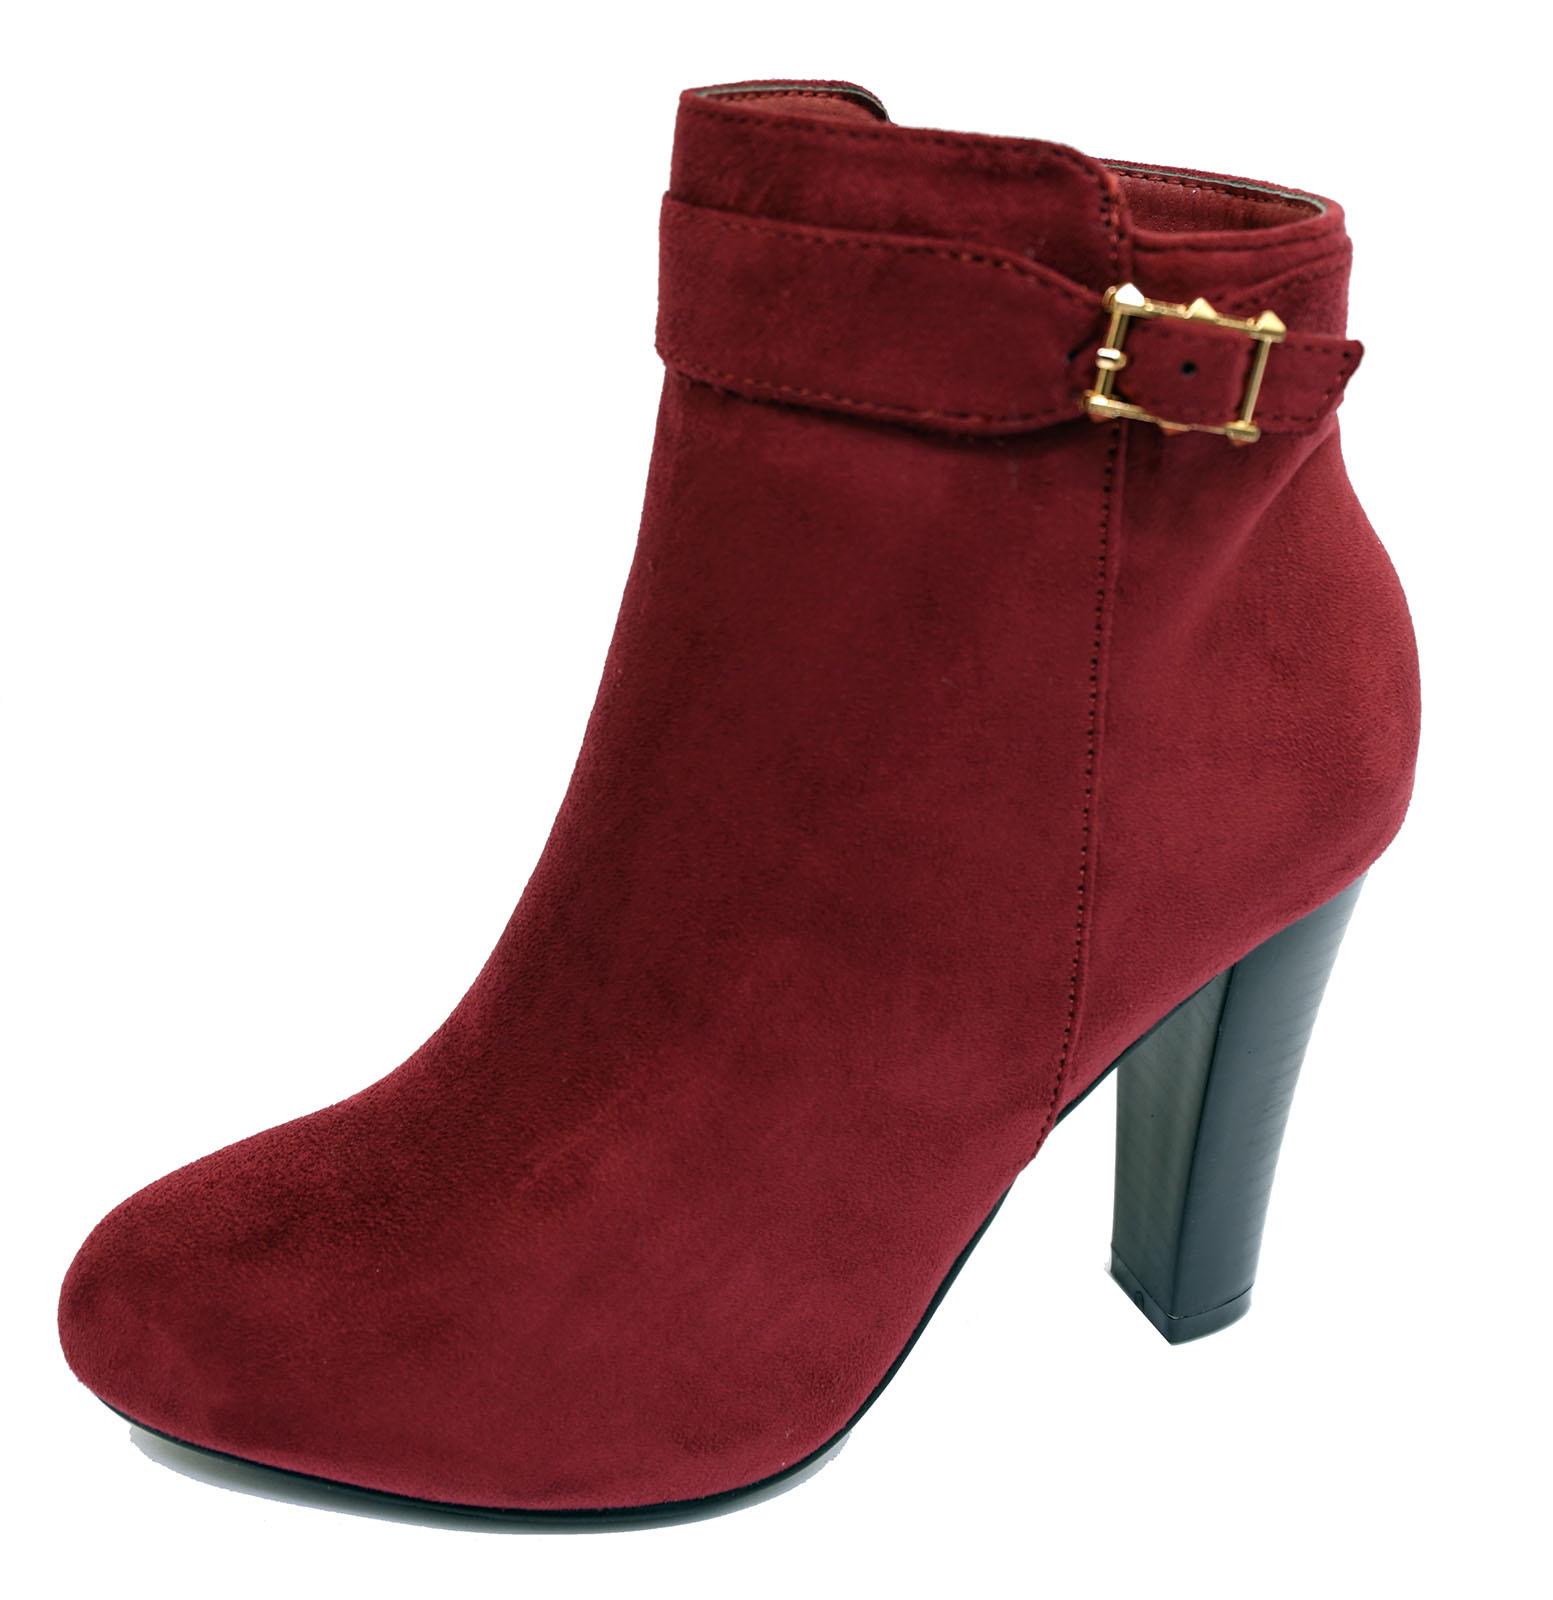 Damas de imitación de gamuza vino Cremallera Tobillo Botas de trabajo de la Pantorrilla Motociclista Inteligente Zapatos Tallas 3-8